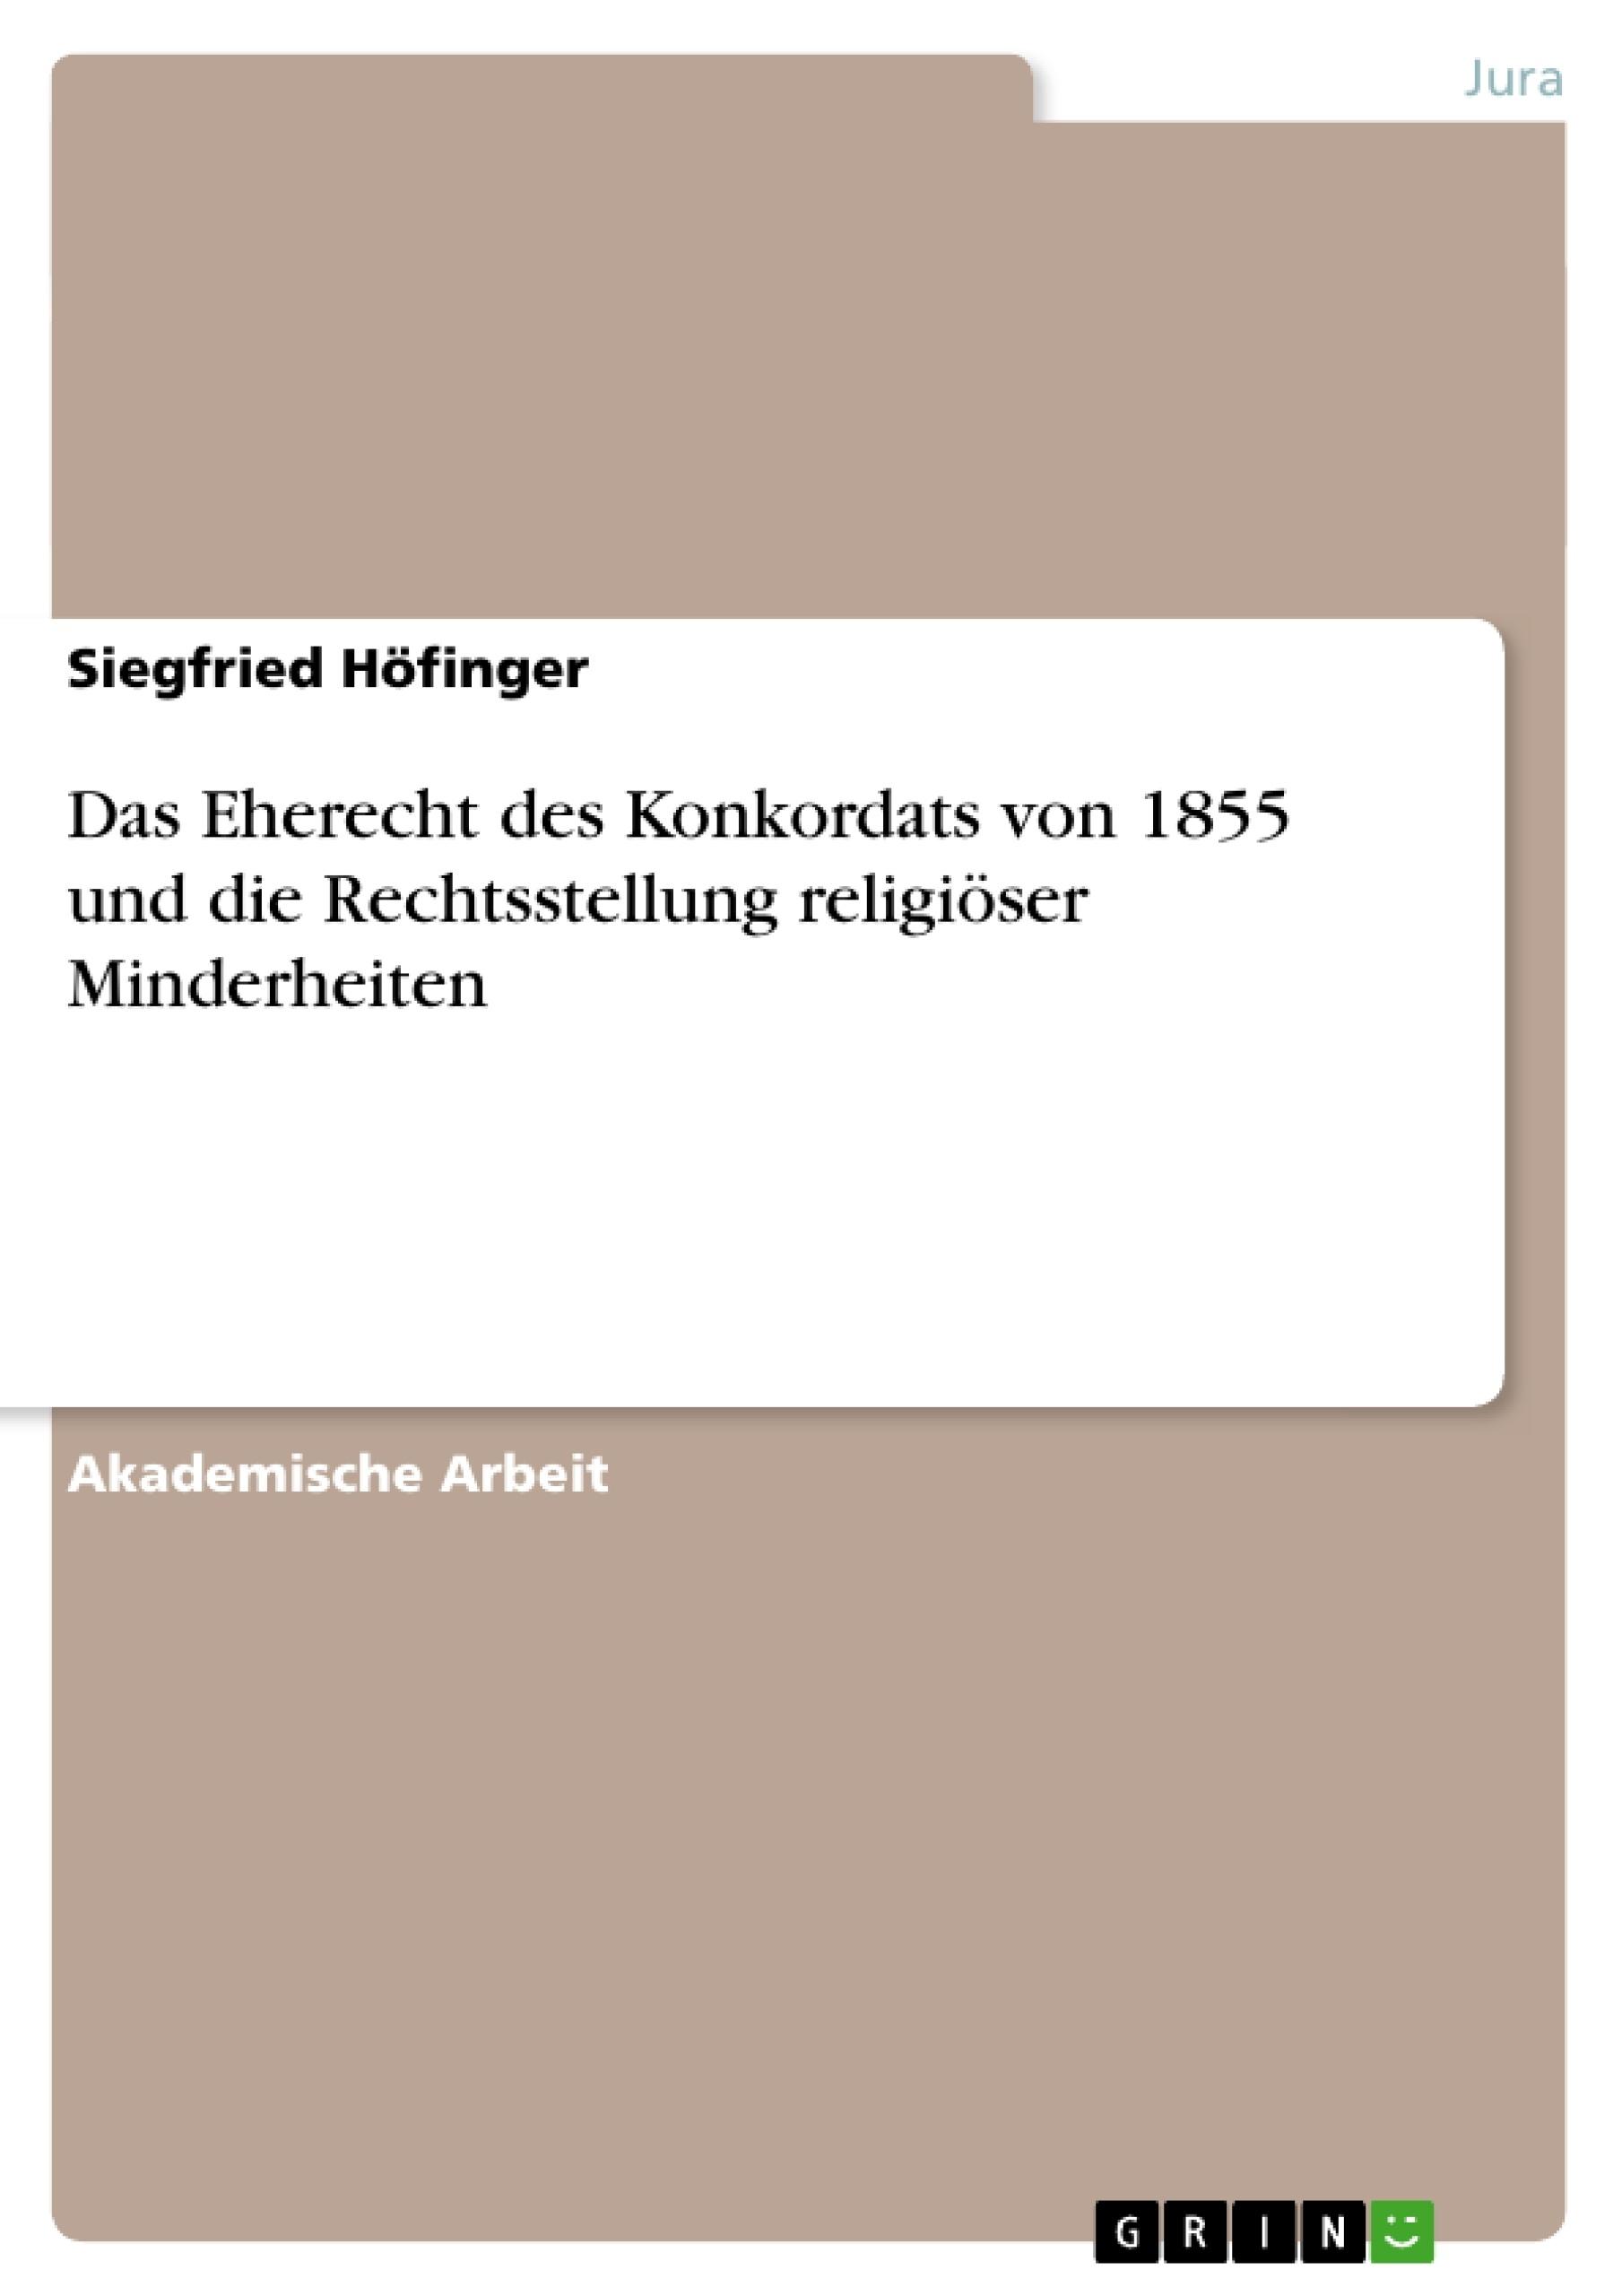 Titel: Das Eherecht des Konkordats von 1855 und die Rechtsstellung religiöser Minderheiten